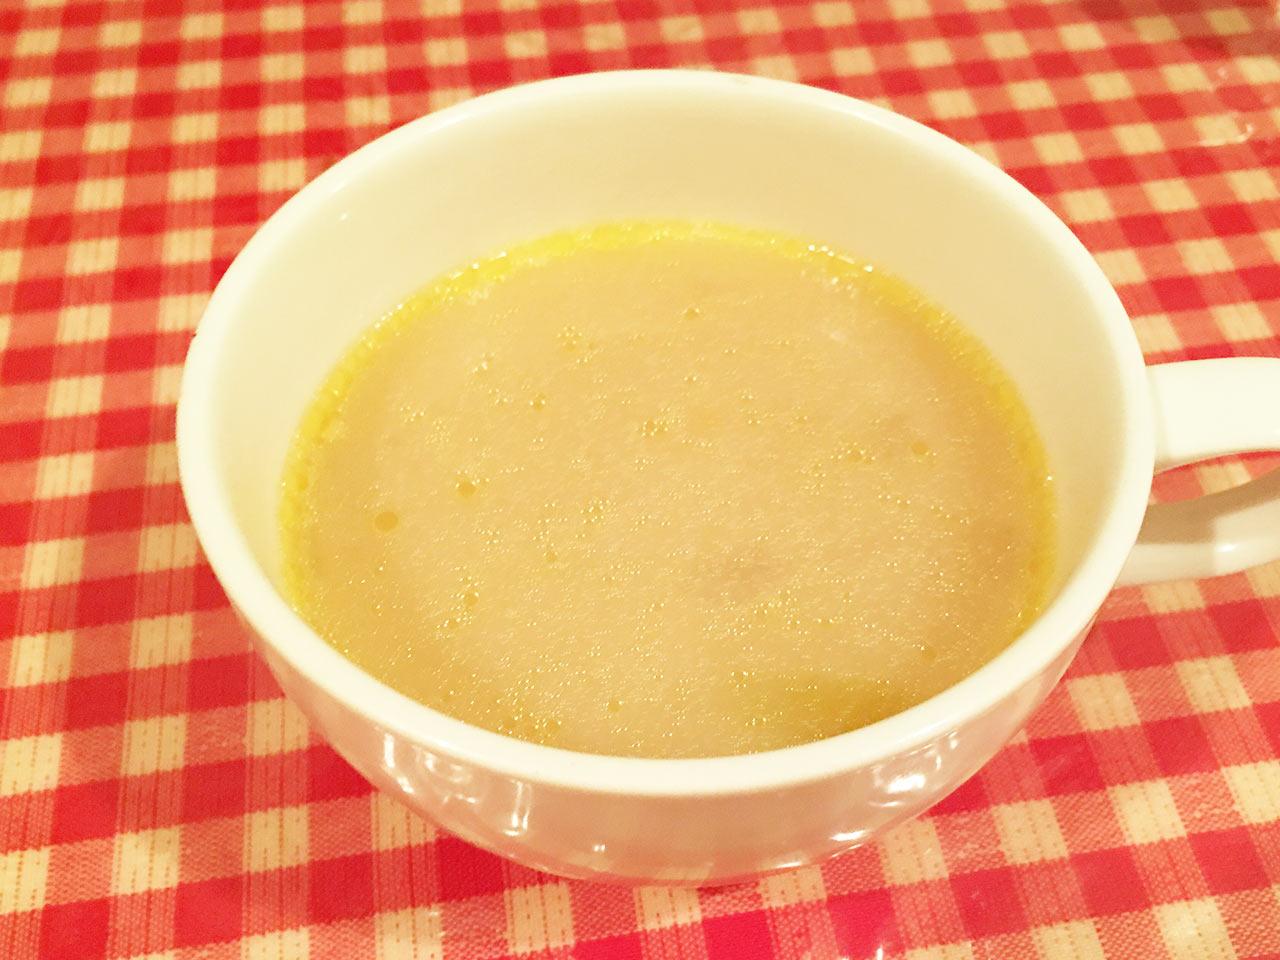 板橋のハンバーグ屋「あいだ」のランチスープ